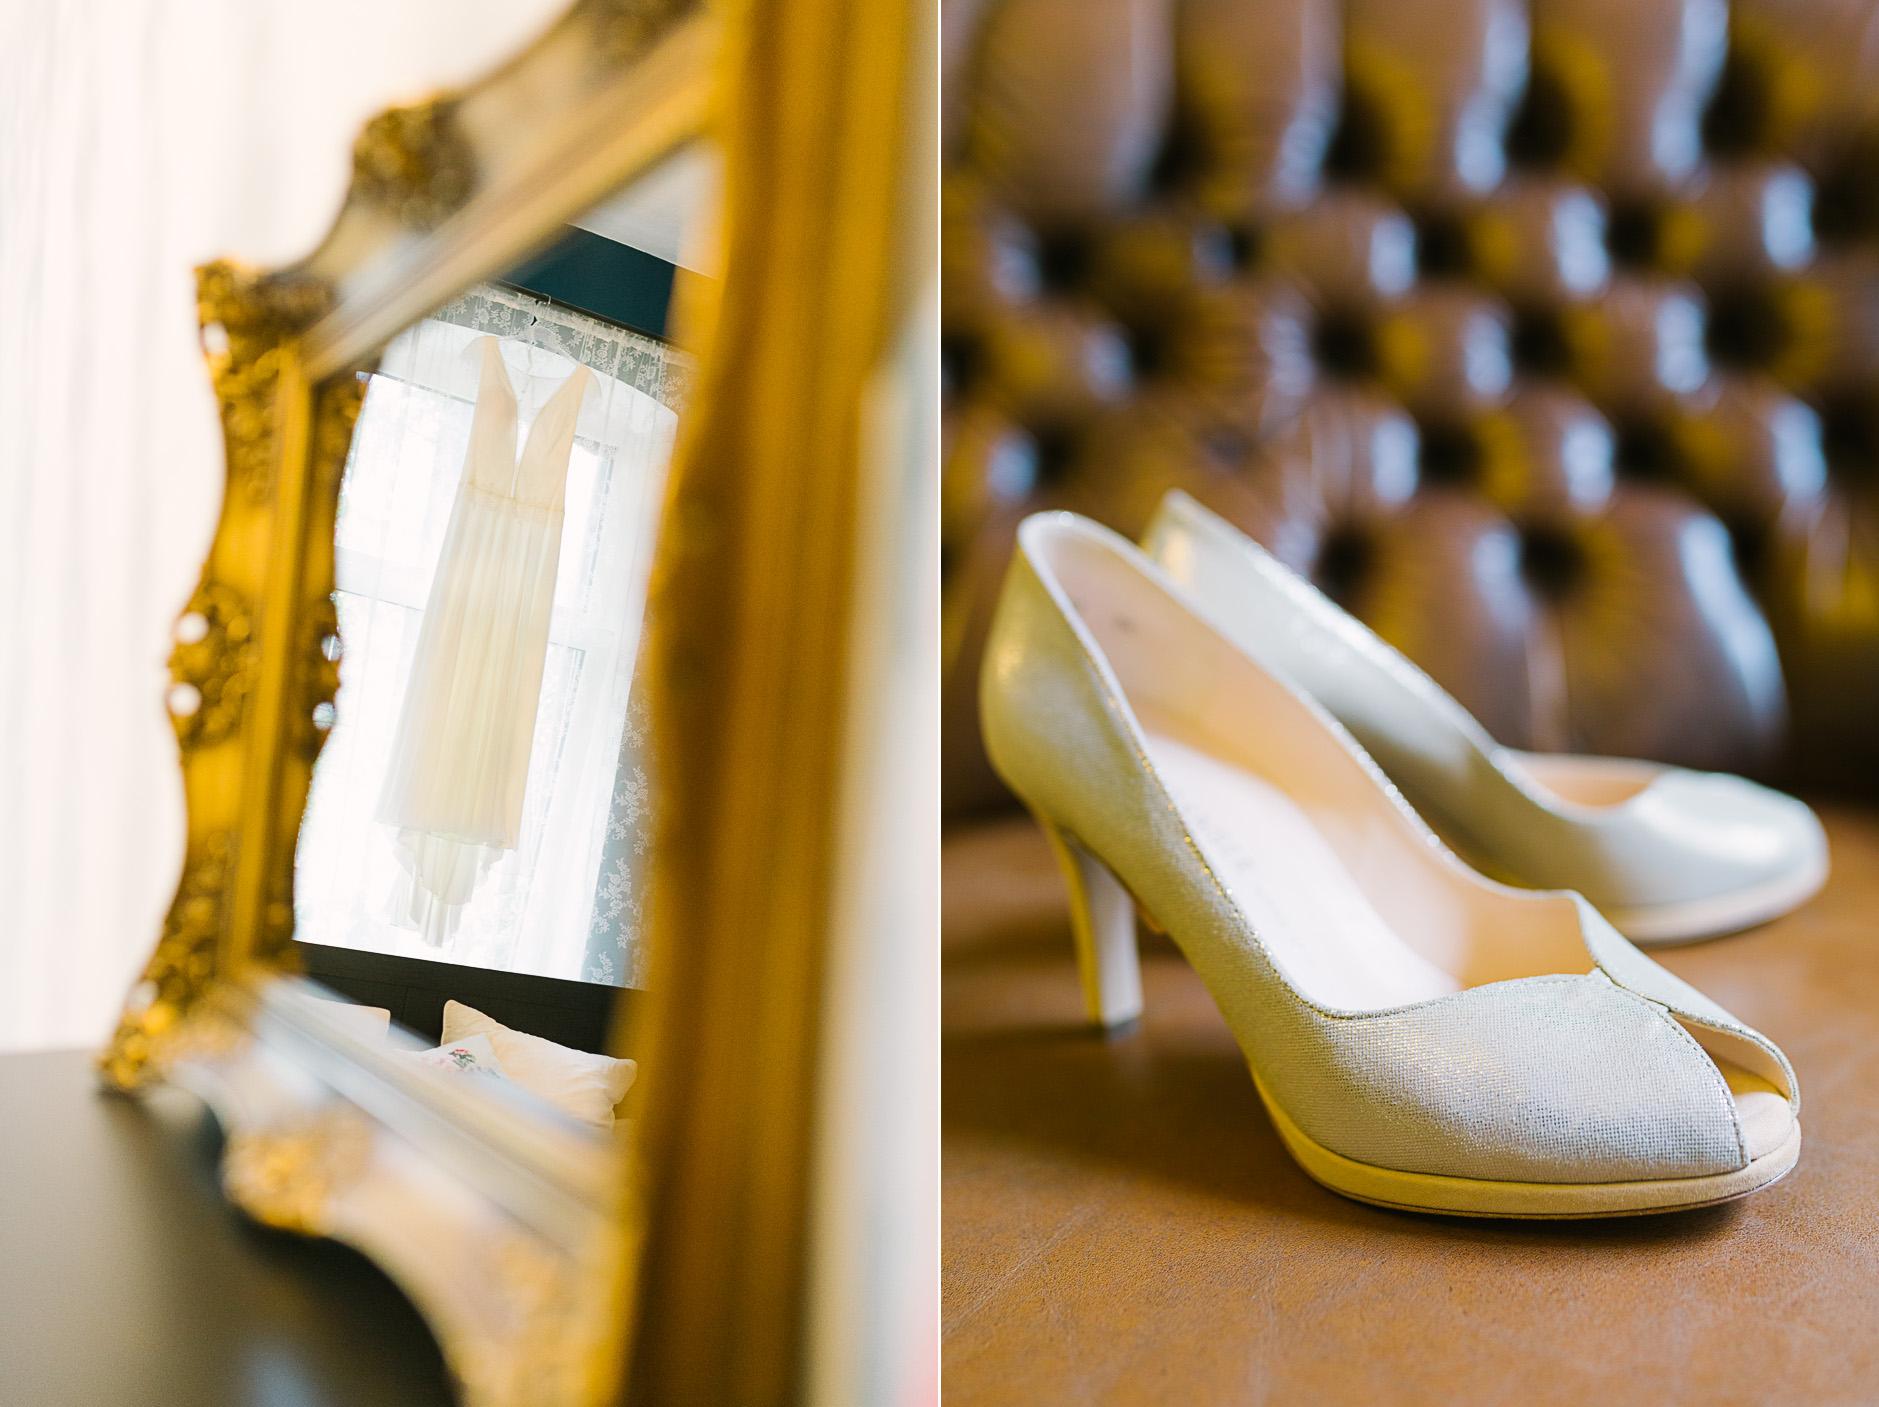 Hochzeitsfotograf Le Hai Linh Koeln Duesseldorf Bonn Zirkushochzeit Vintagehochzeit Sommerhochzeit 021.jpg